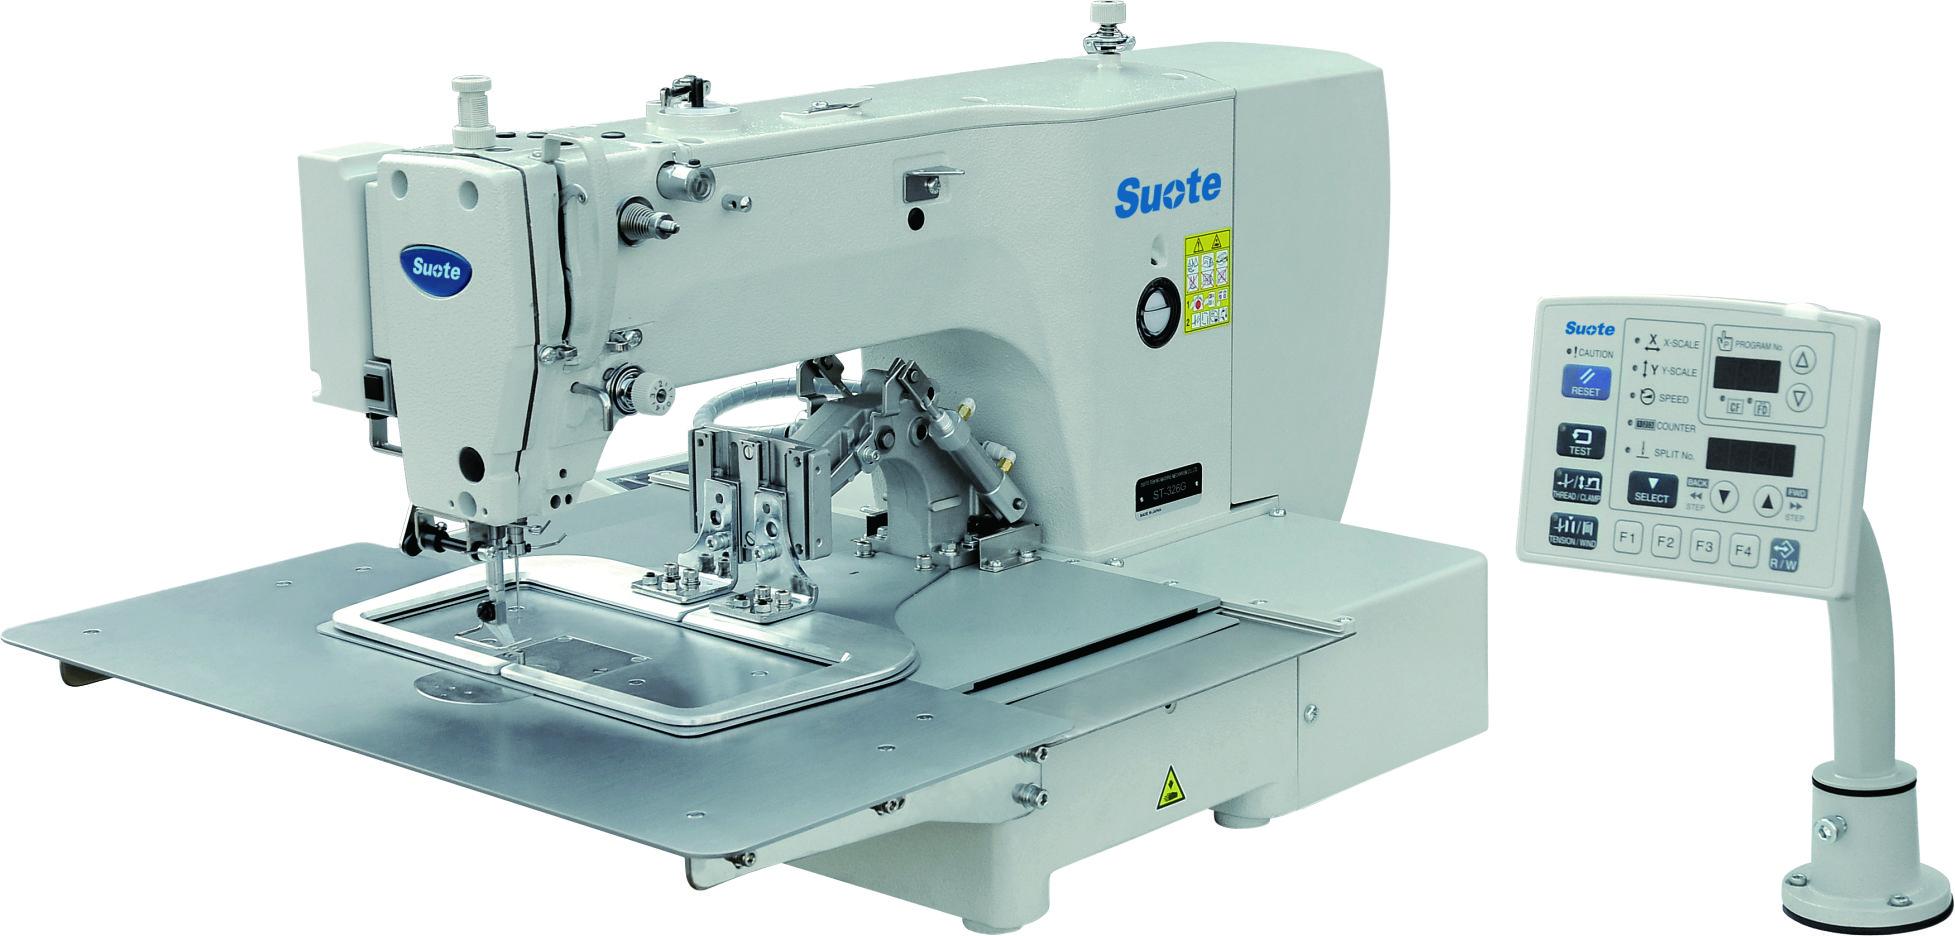 כיצד לבחור מכונת תפירה תעשייתית